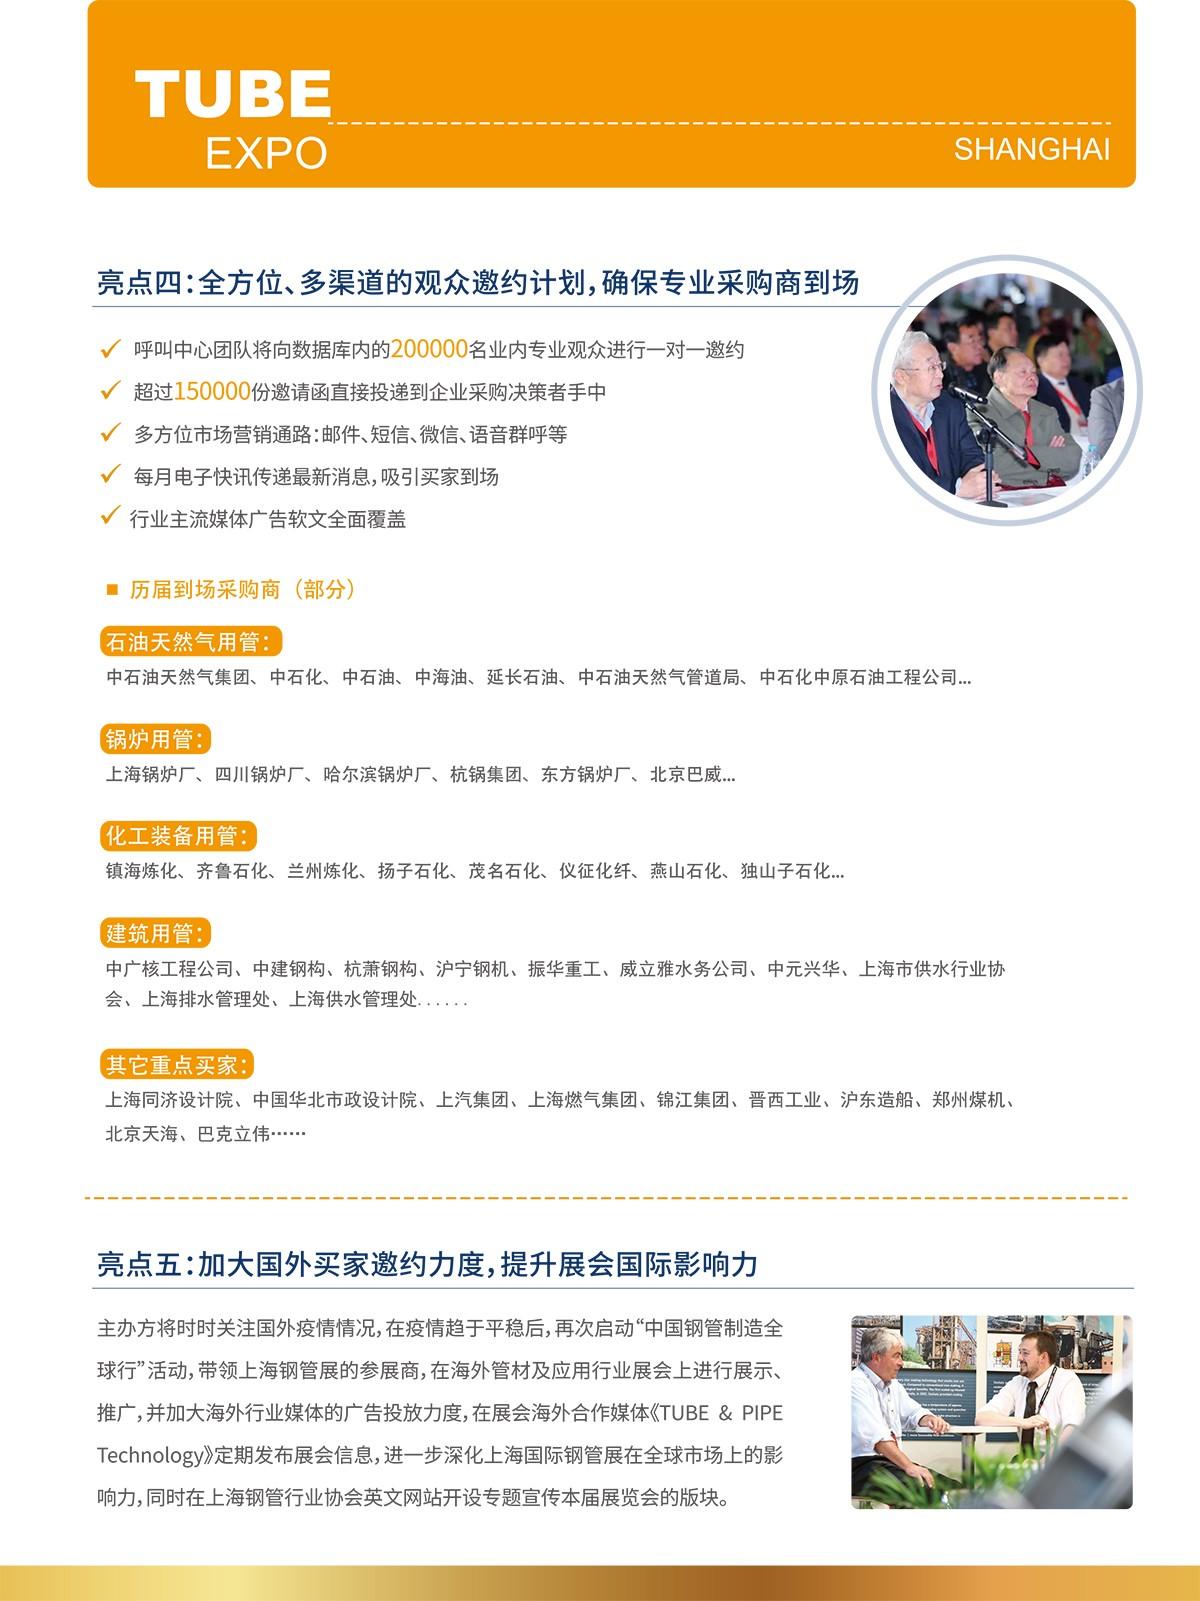 1_2021上海国际钢管工业展览会-6.jpg